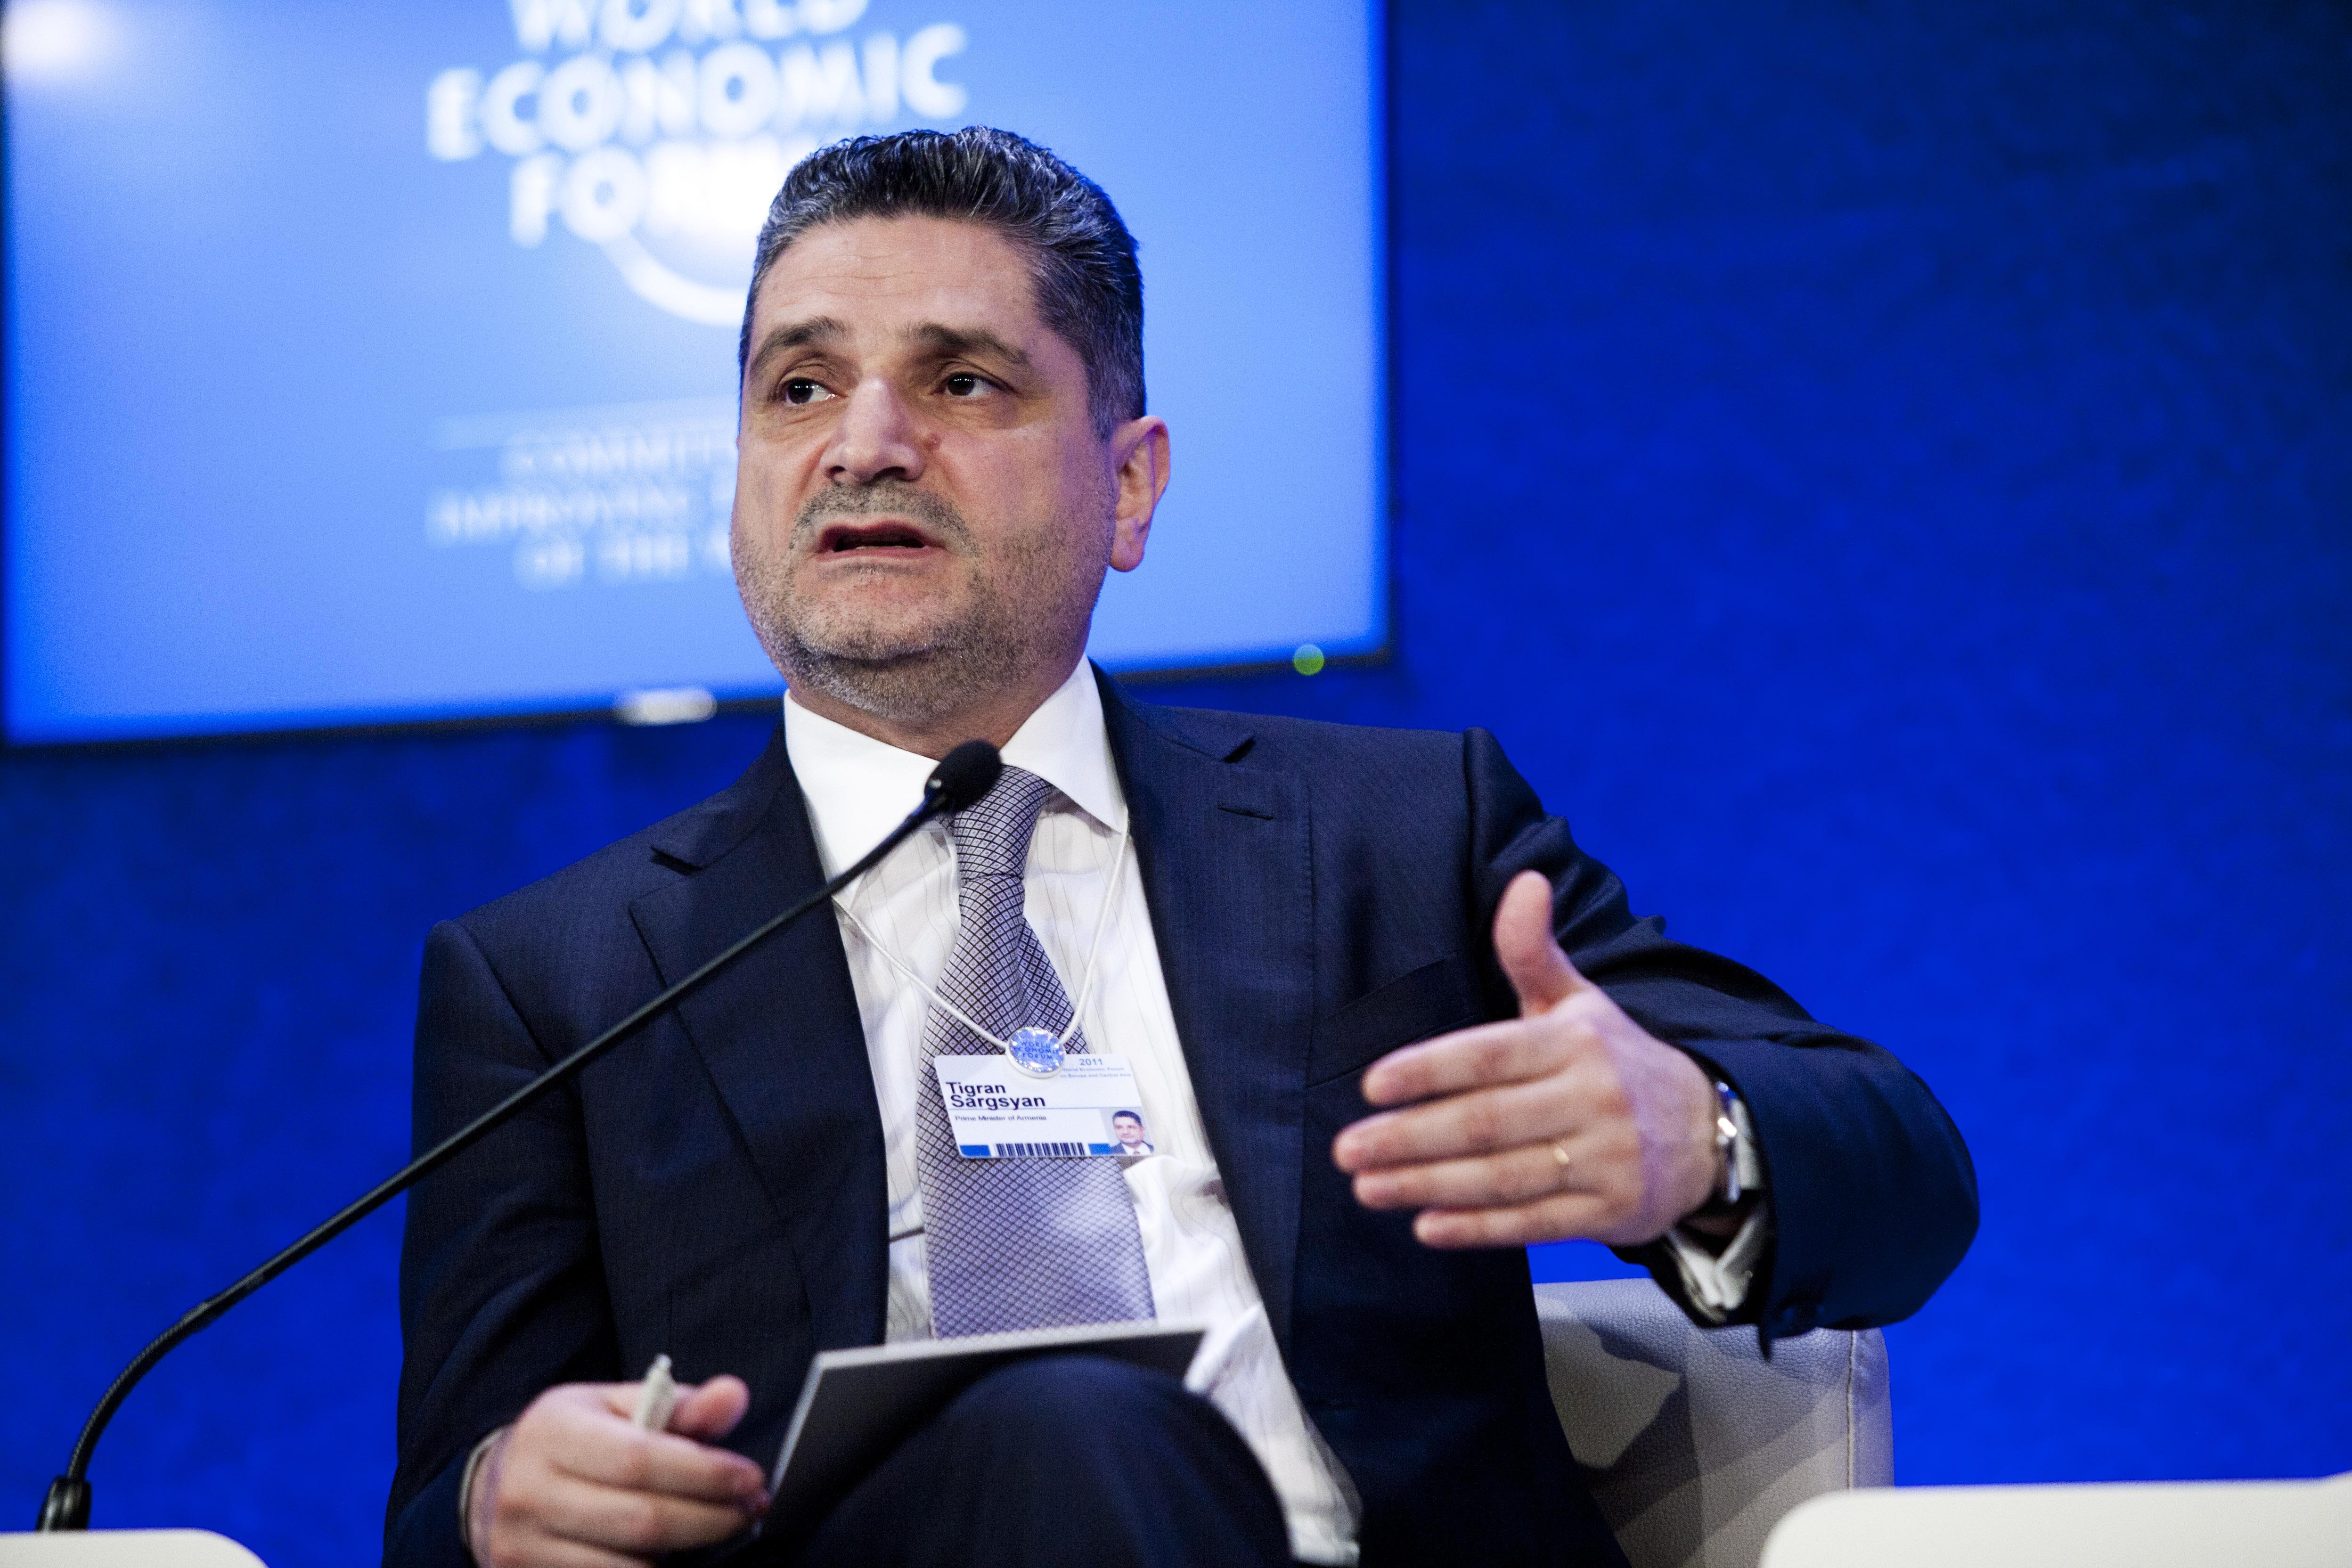 Տիգրան Սարգսյանը. ԵԱՏՄ անդամ երկրների տնտեսության մրցունակության համար թվայնացումն անհրաժեշտ պայման է